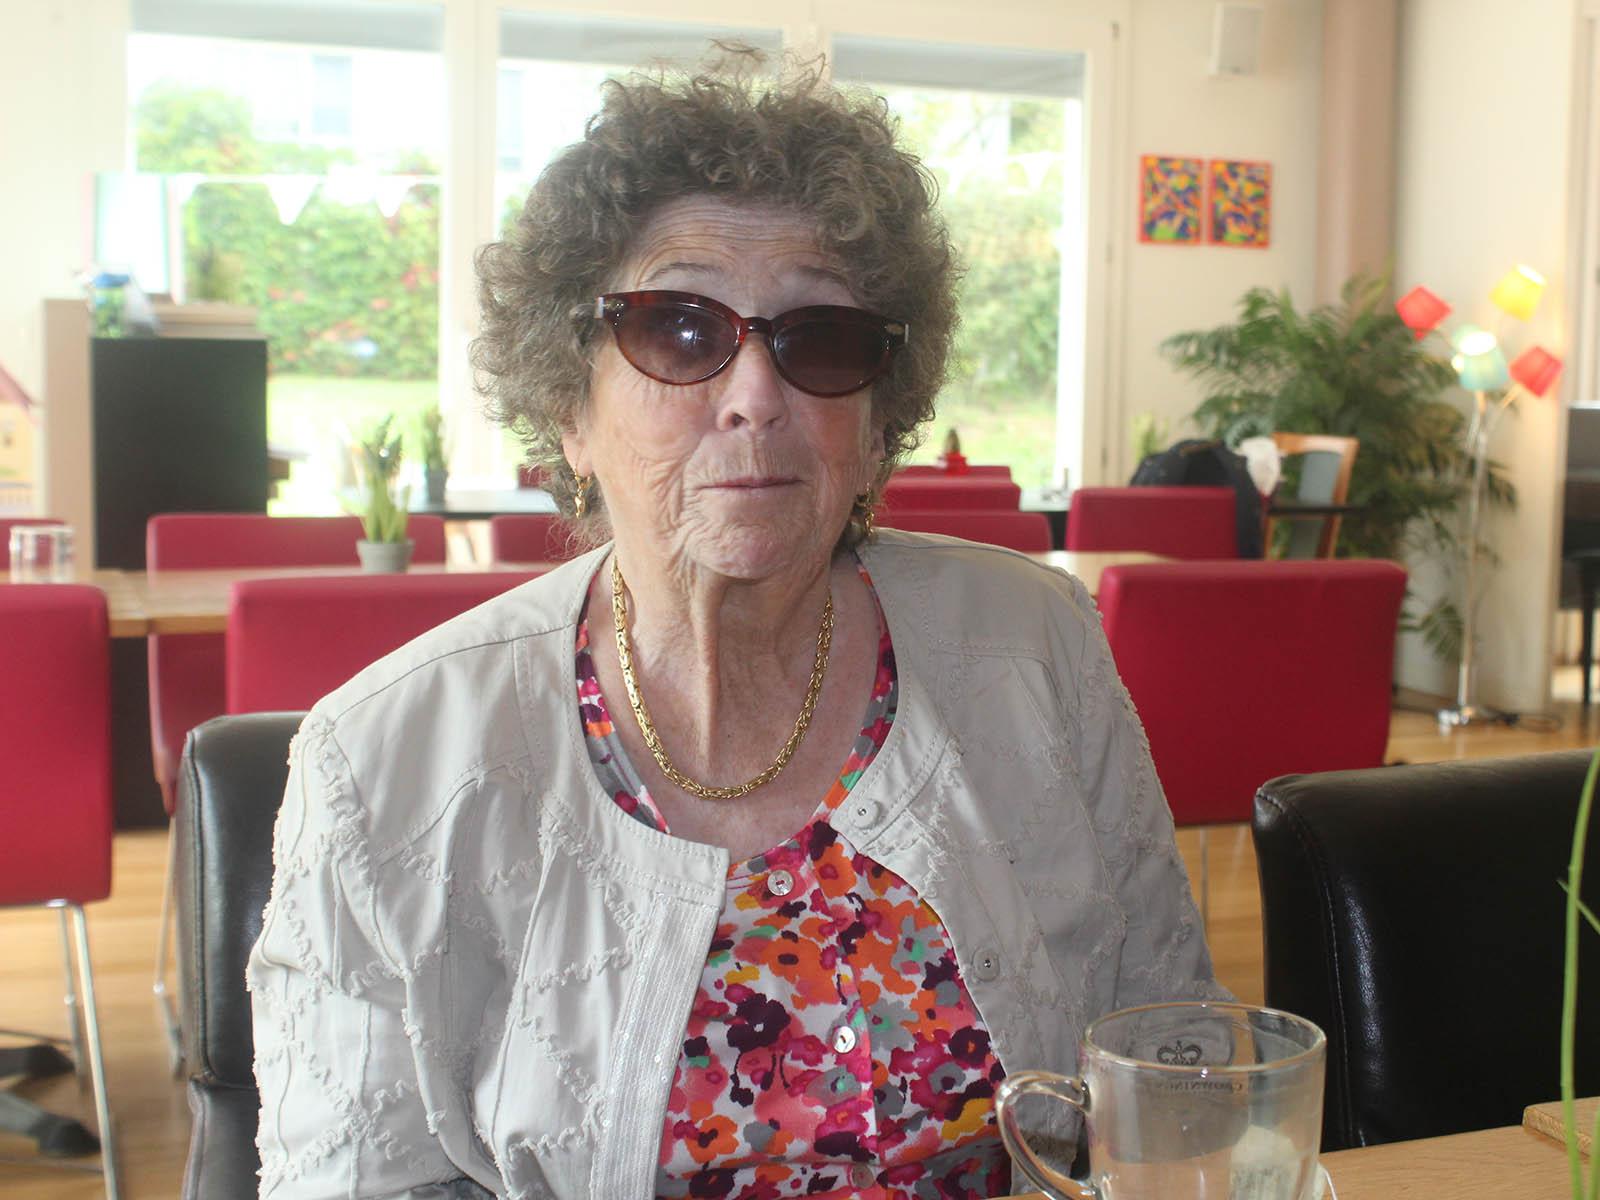 Cornelia Zumsteg ist immer aktiv und unterwegs – und am liebsten in Gesellschaft.